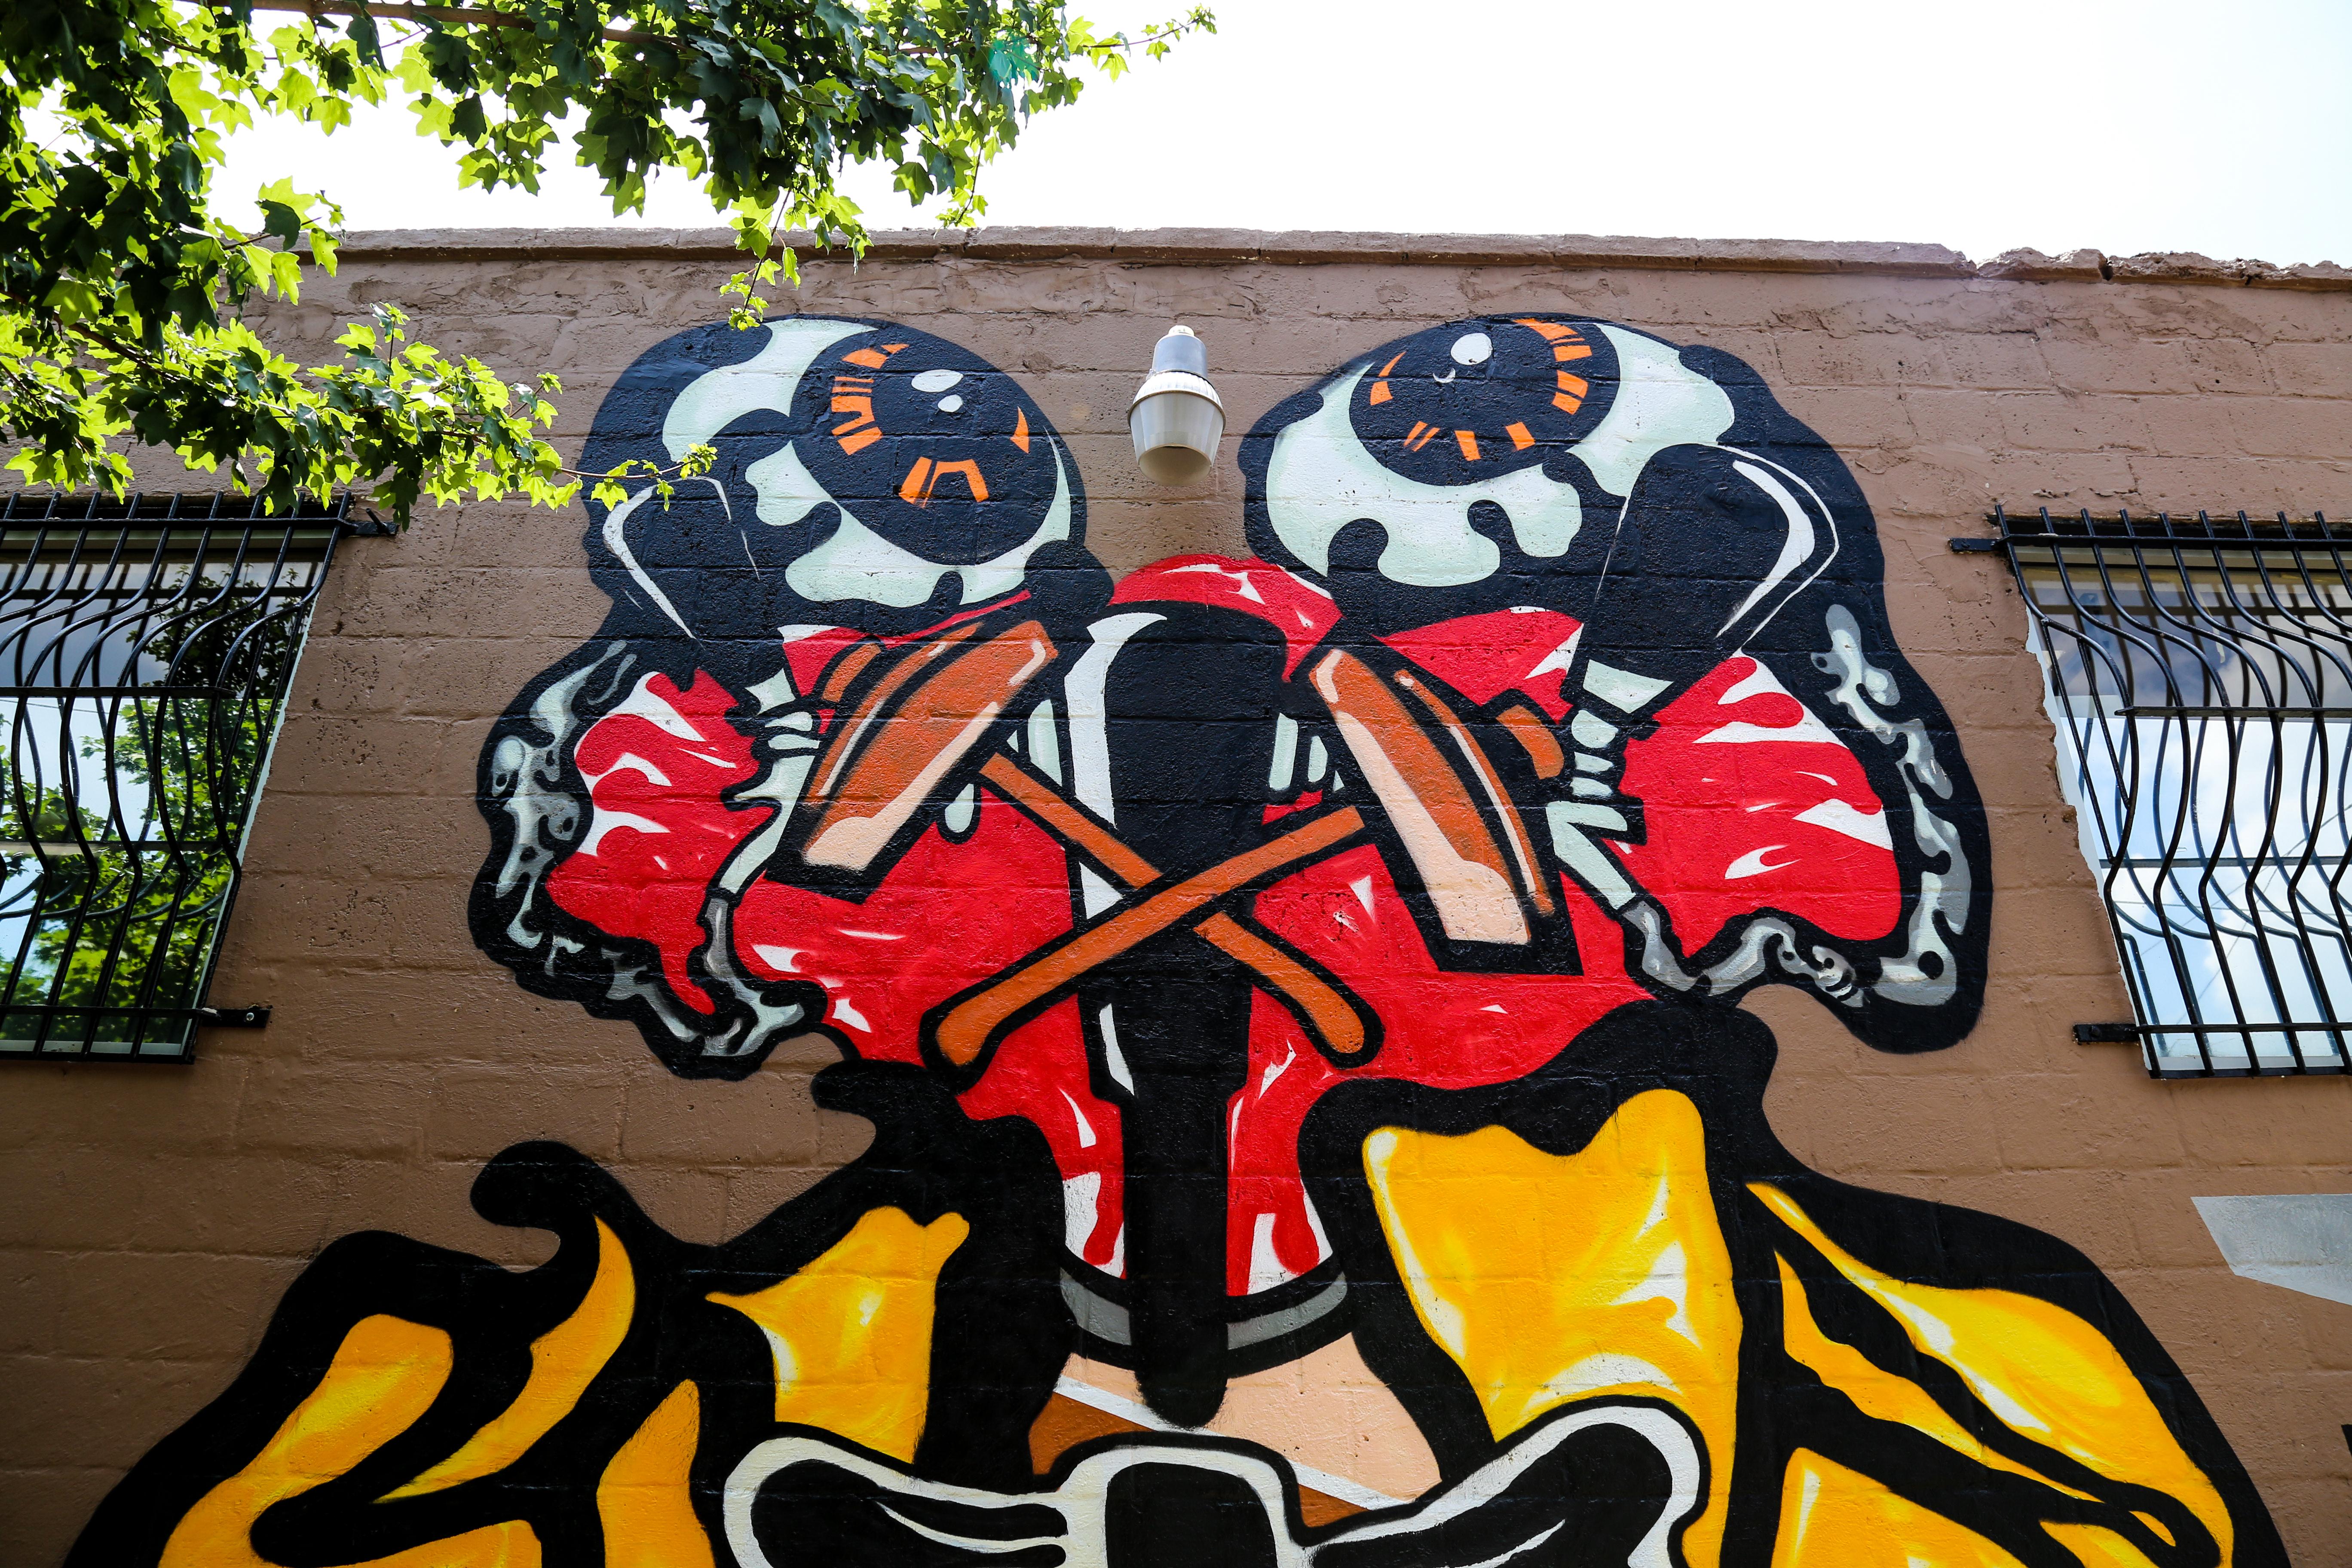 New YOMI Mural in Kensington is Soooooo Good!   Streets Dept